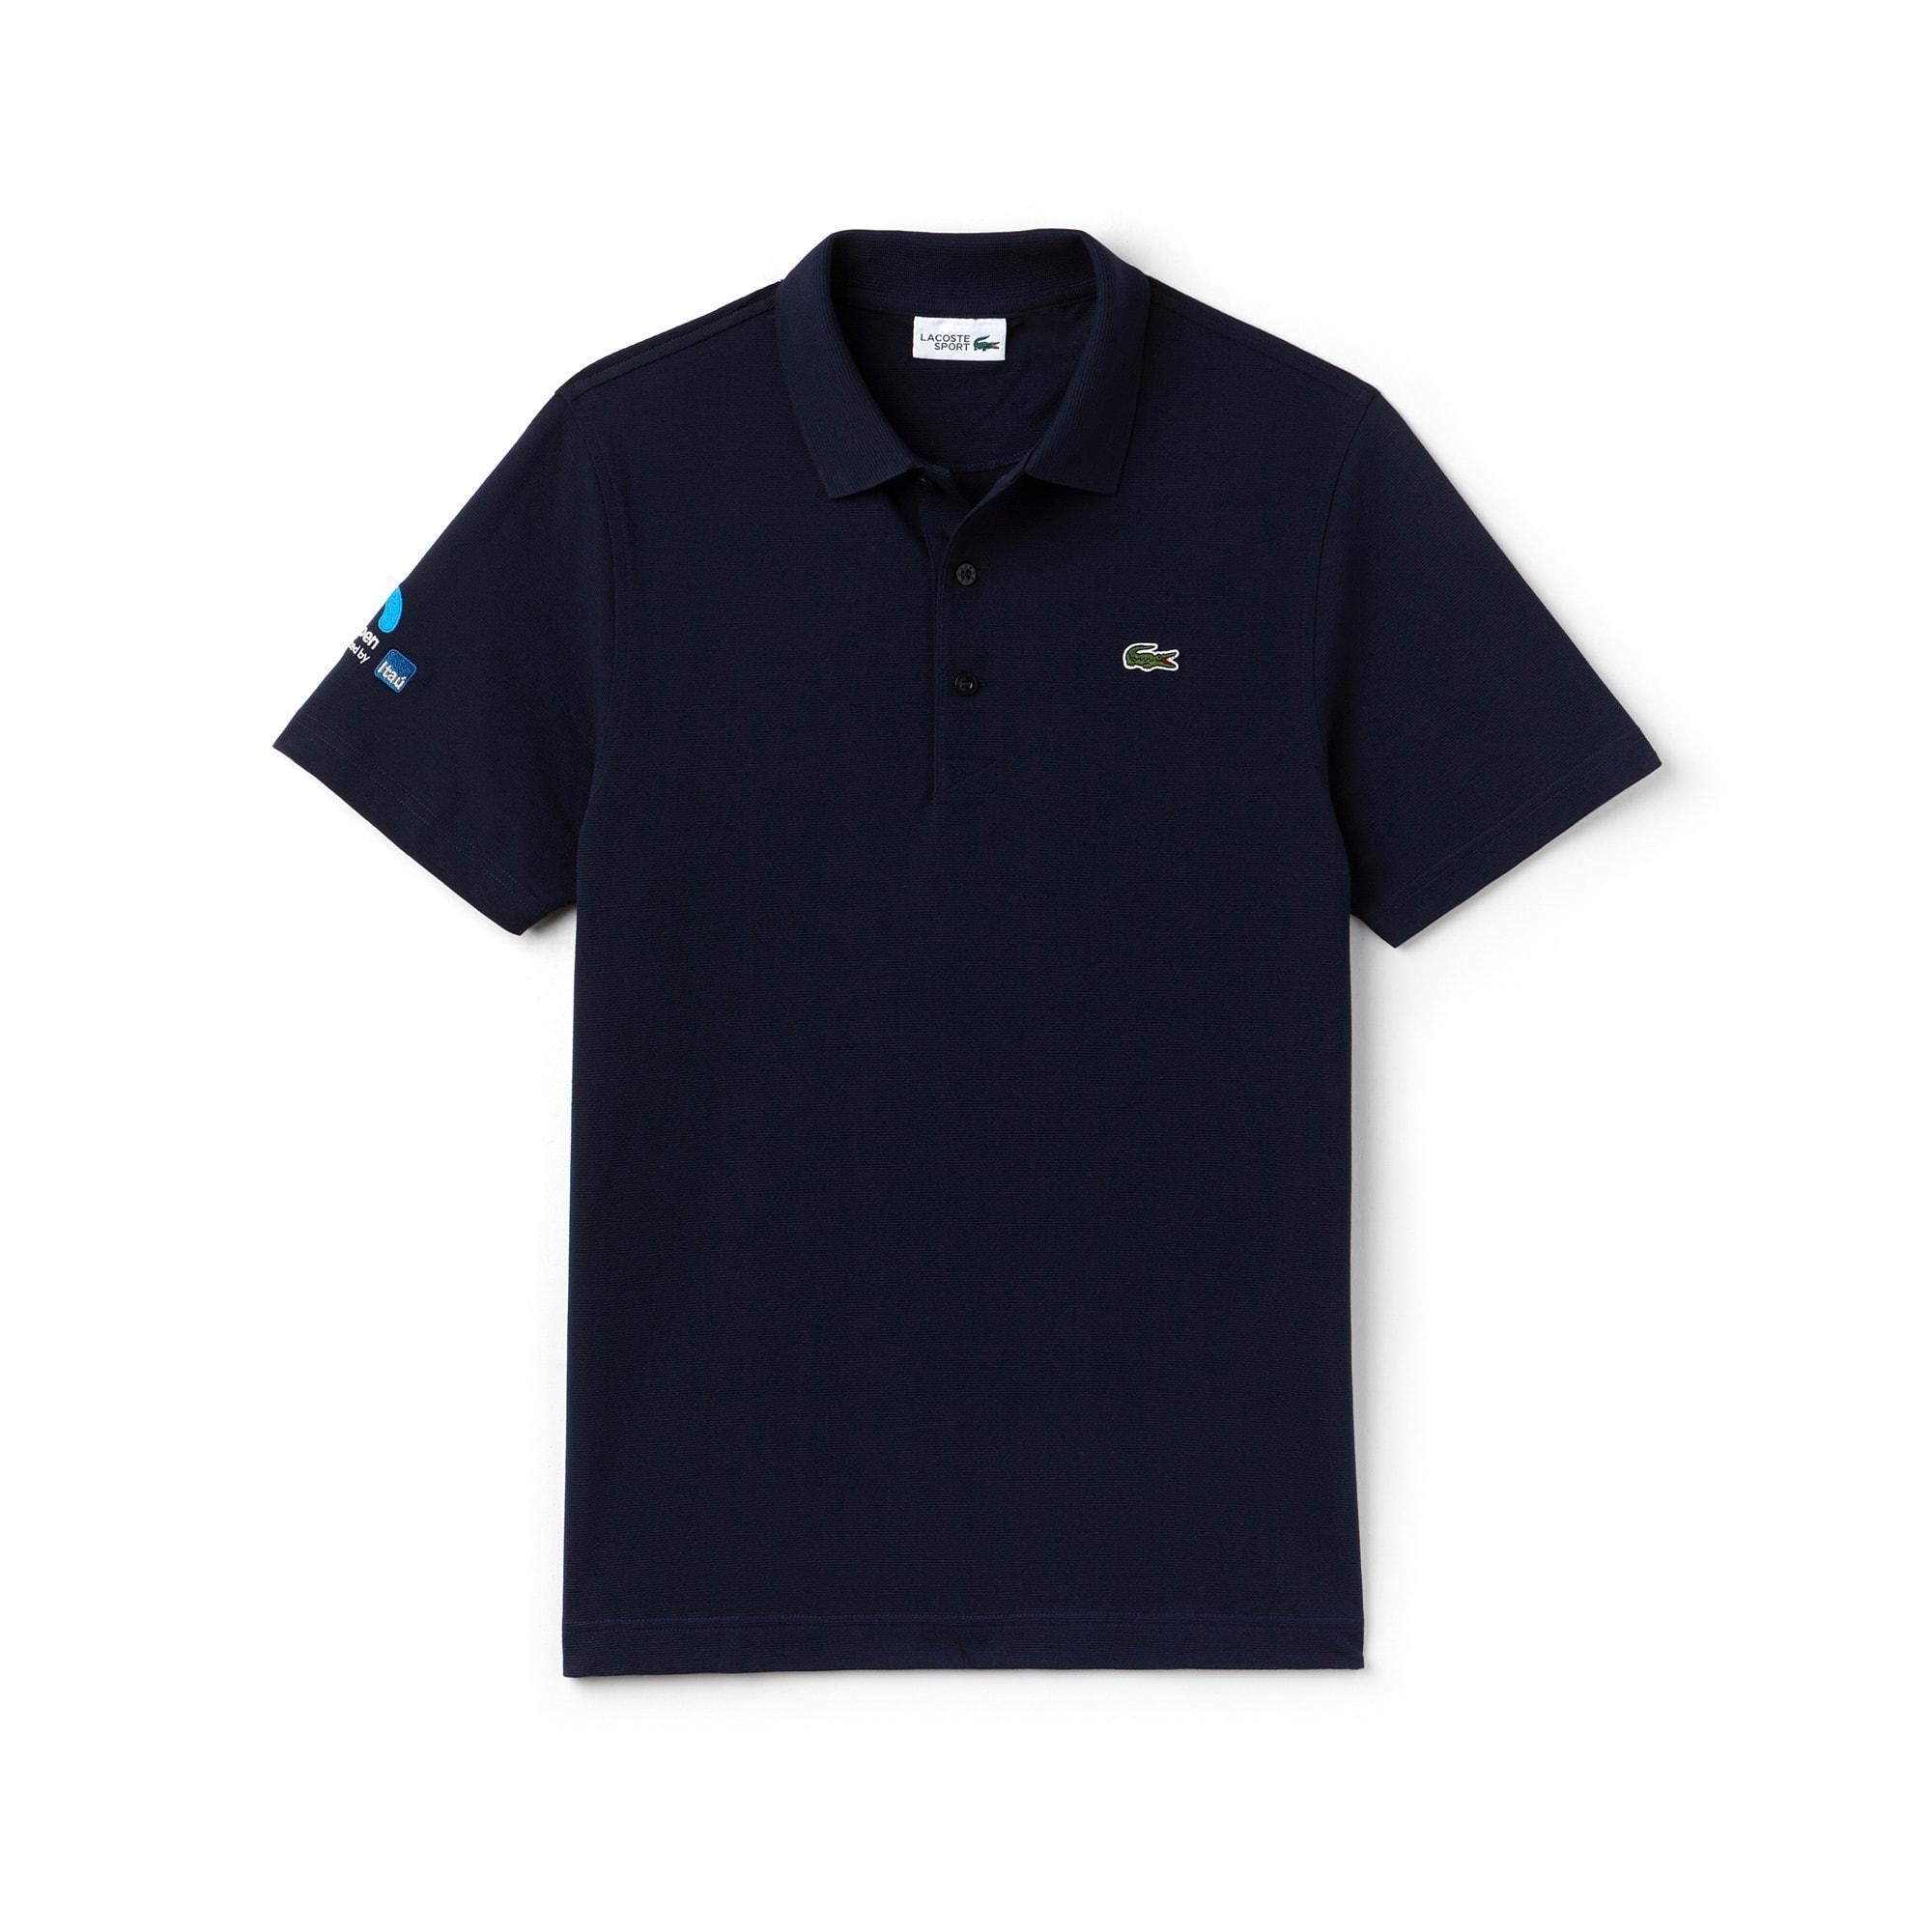 라코스테 스포츠 반팔 카라티 Lacoste Mens SPORT Miami Open Ultra-Light Cotton Tennis Polo,navy blue